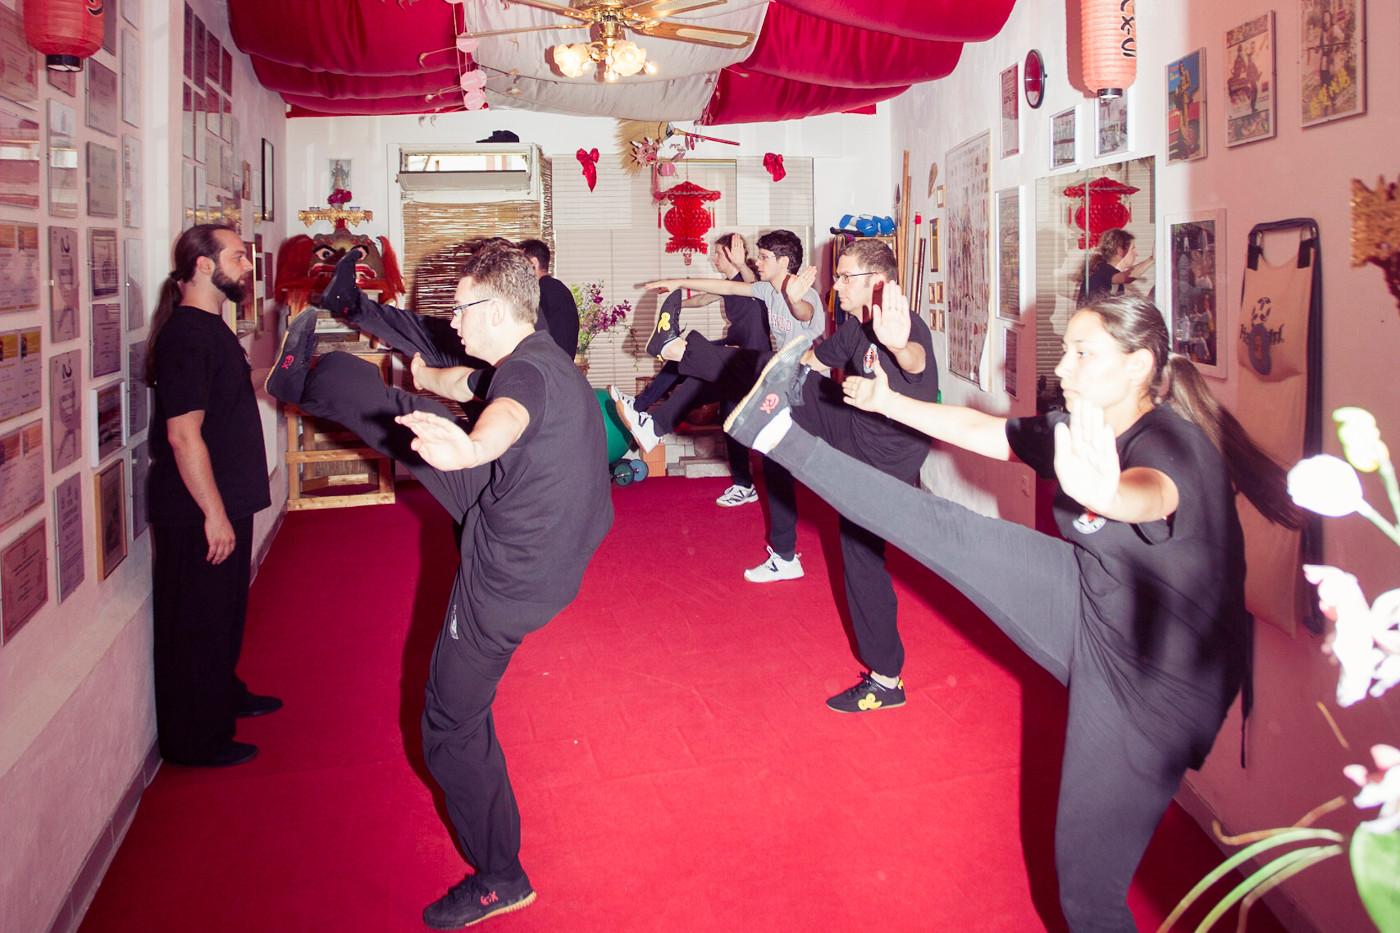 randsport_87_kung fu_3